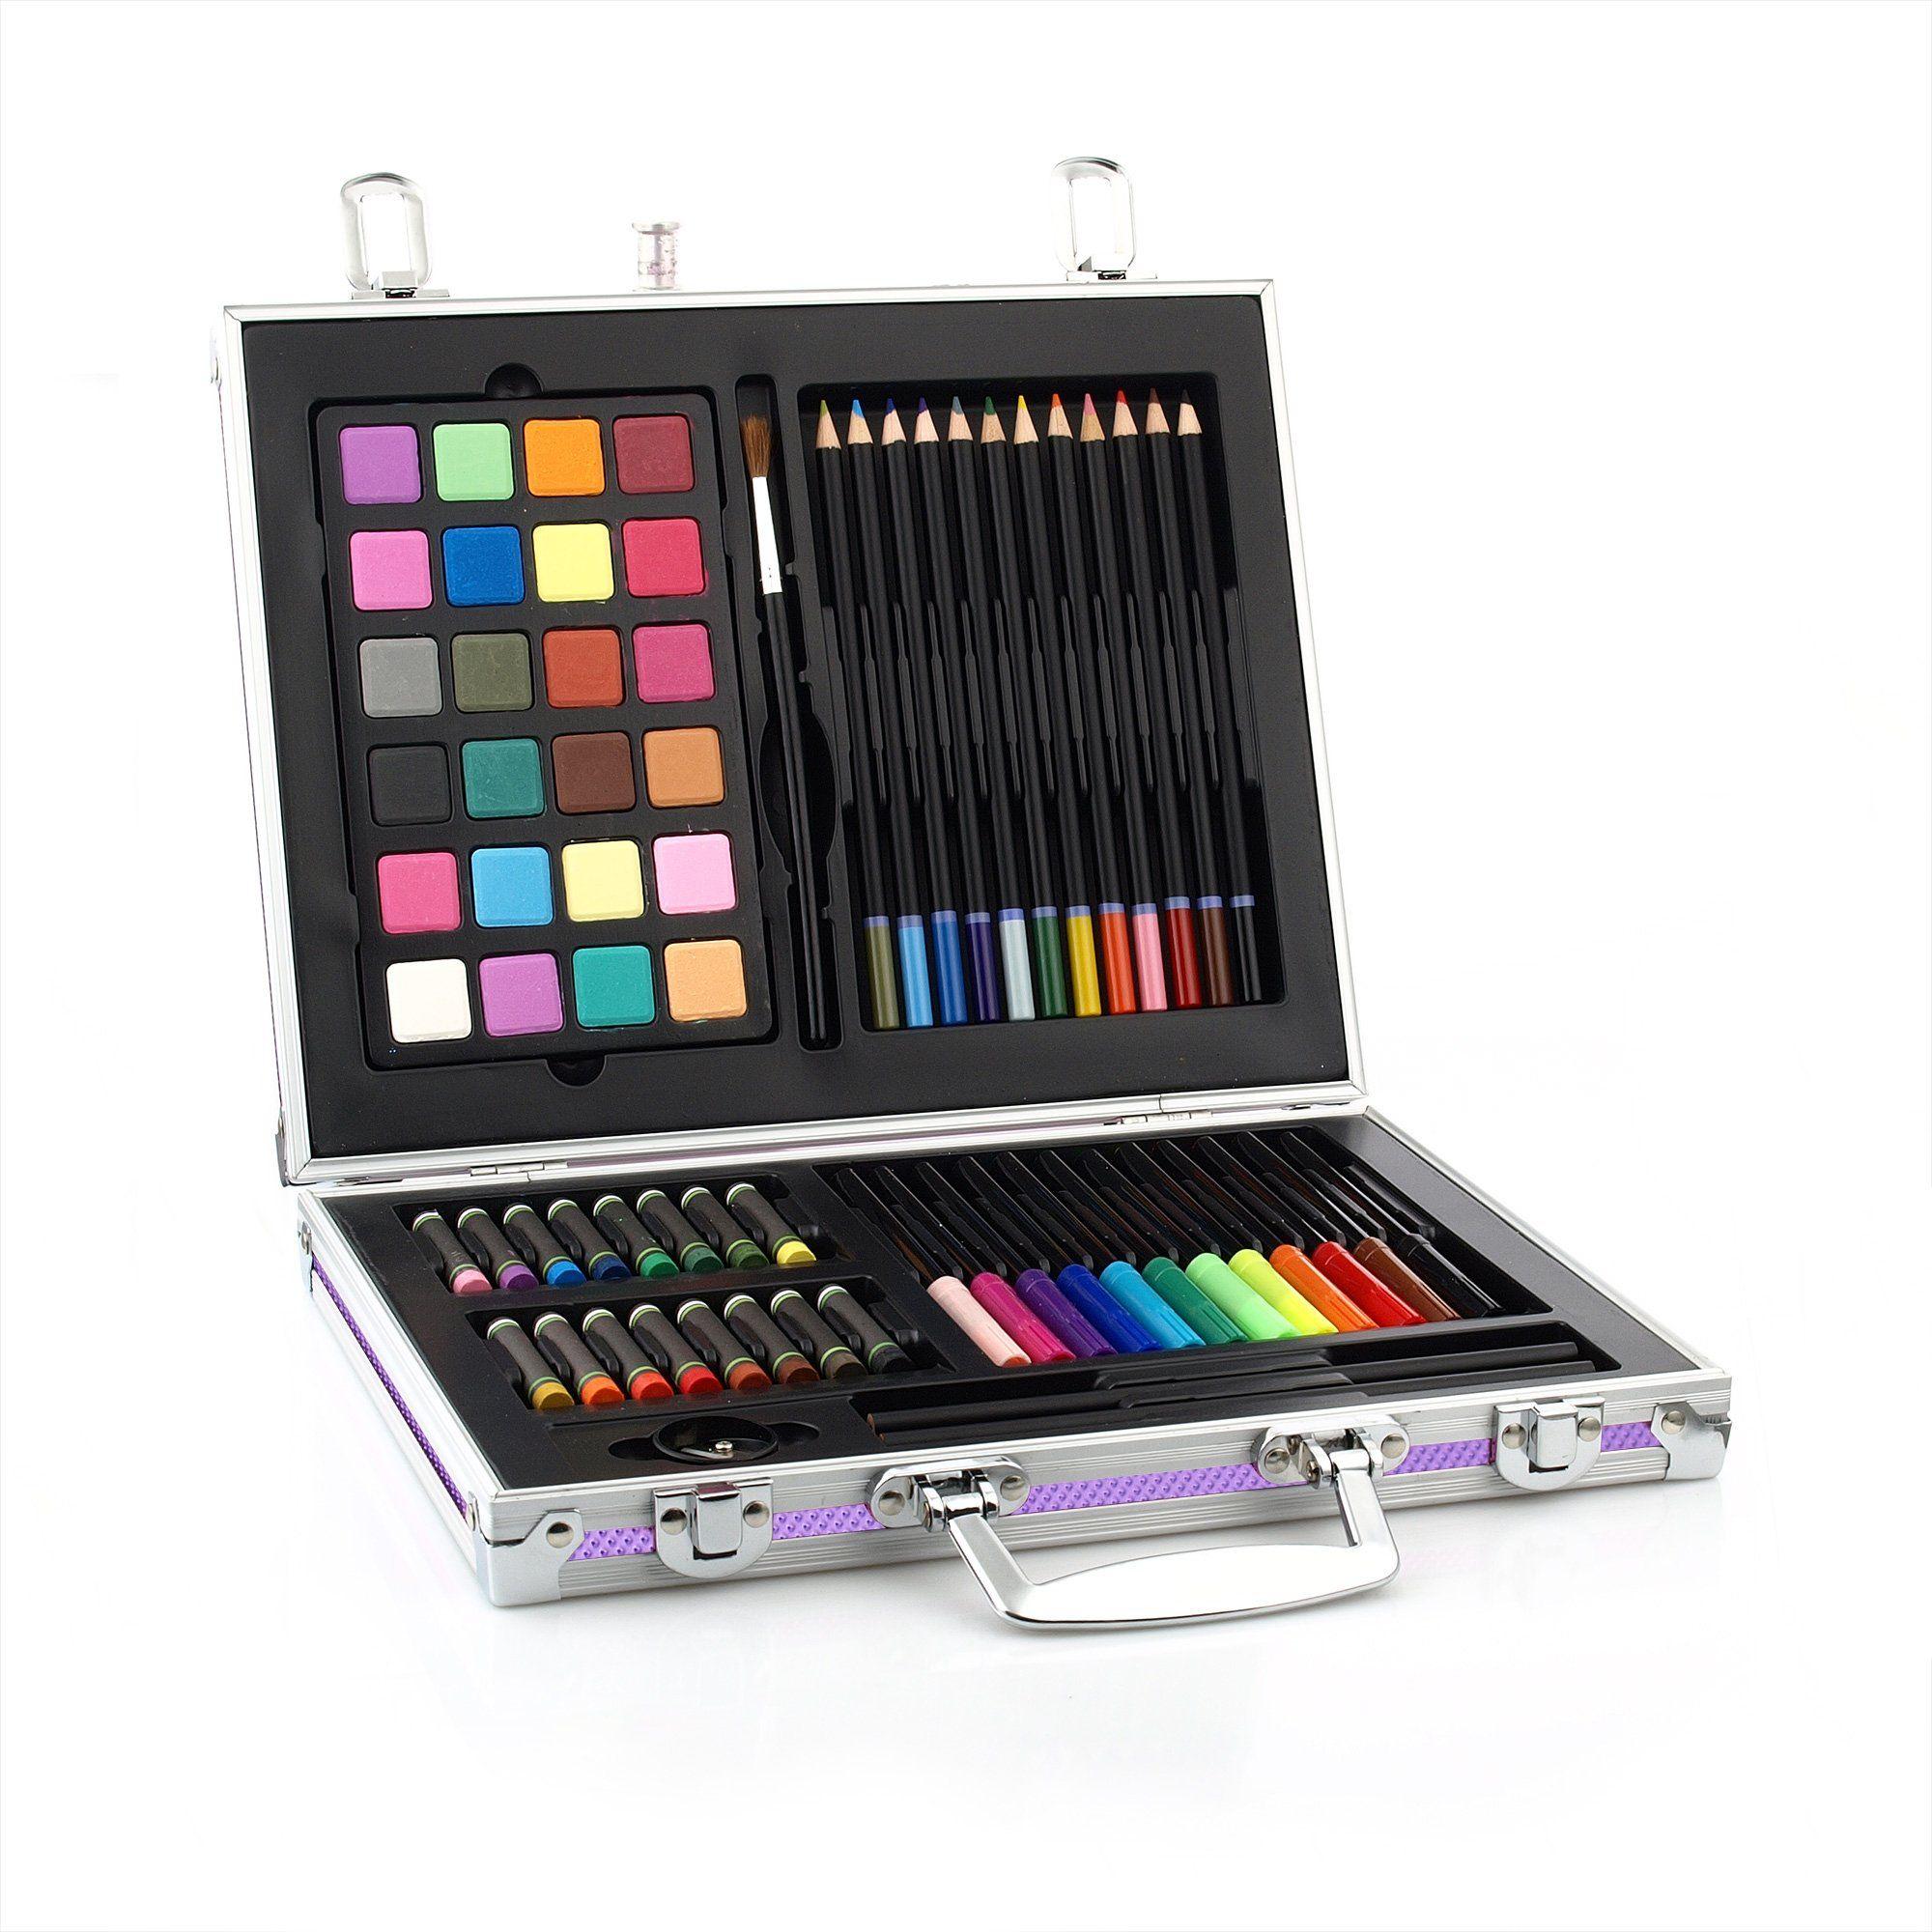 Gallery Studio 69 Piece Deluxe Art Supplies Set in Purple